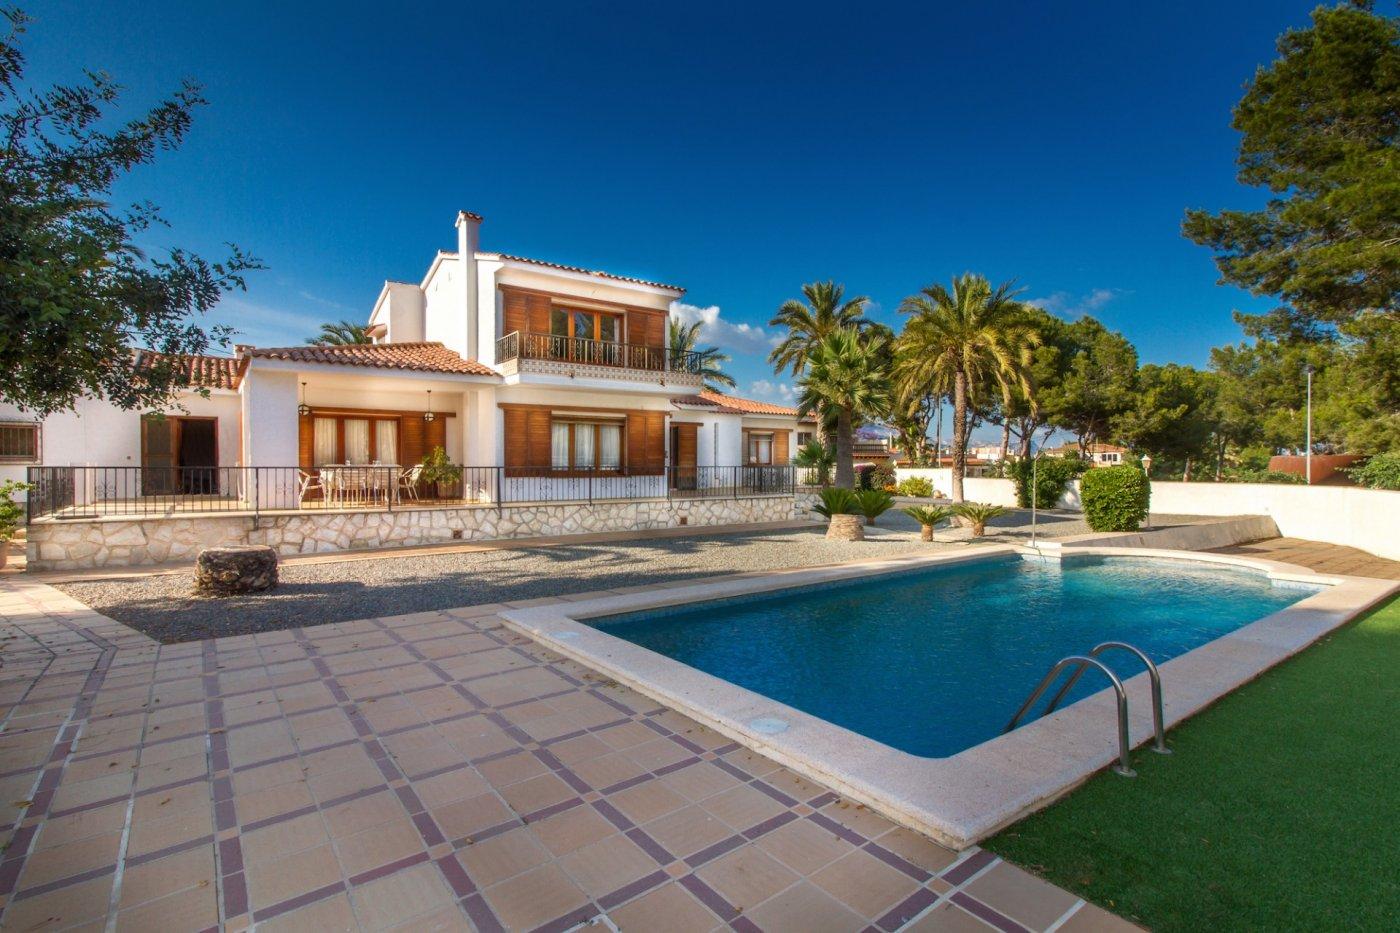 Inmobiliaria en Altea - Propiedades en venta Altea - villa - alfas-del-pi